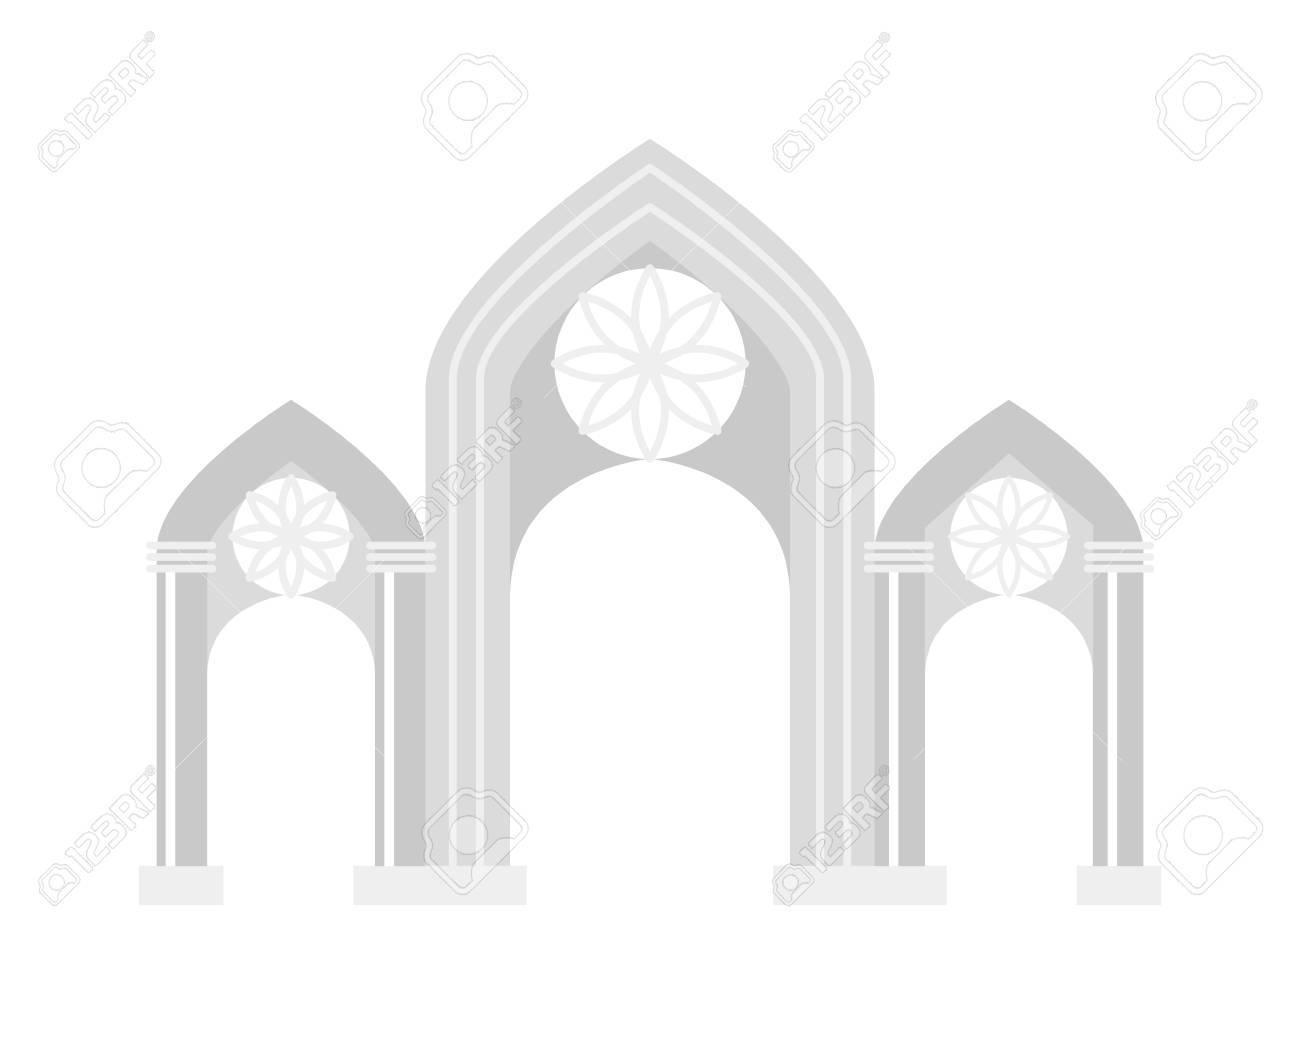 Großzügig Grace Steppung Rahmen Bilder - Rahmen Ideen ...